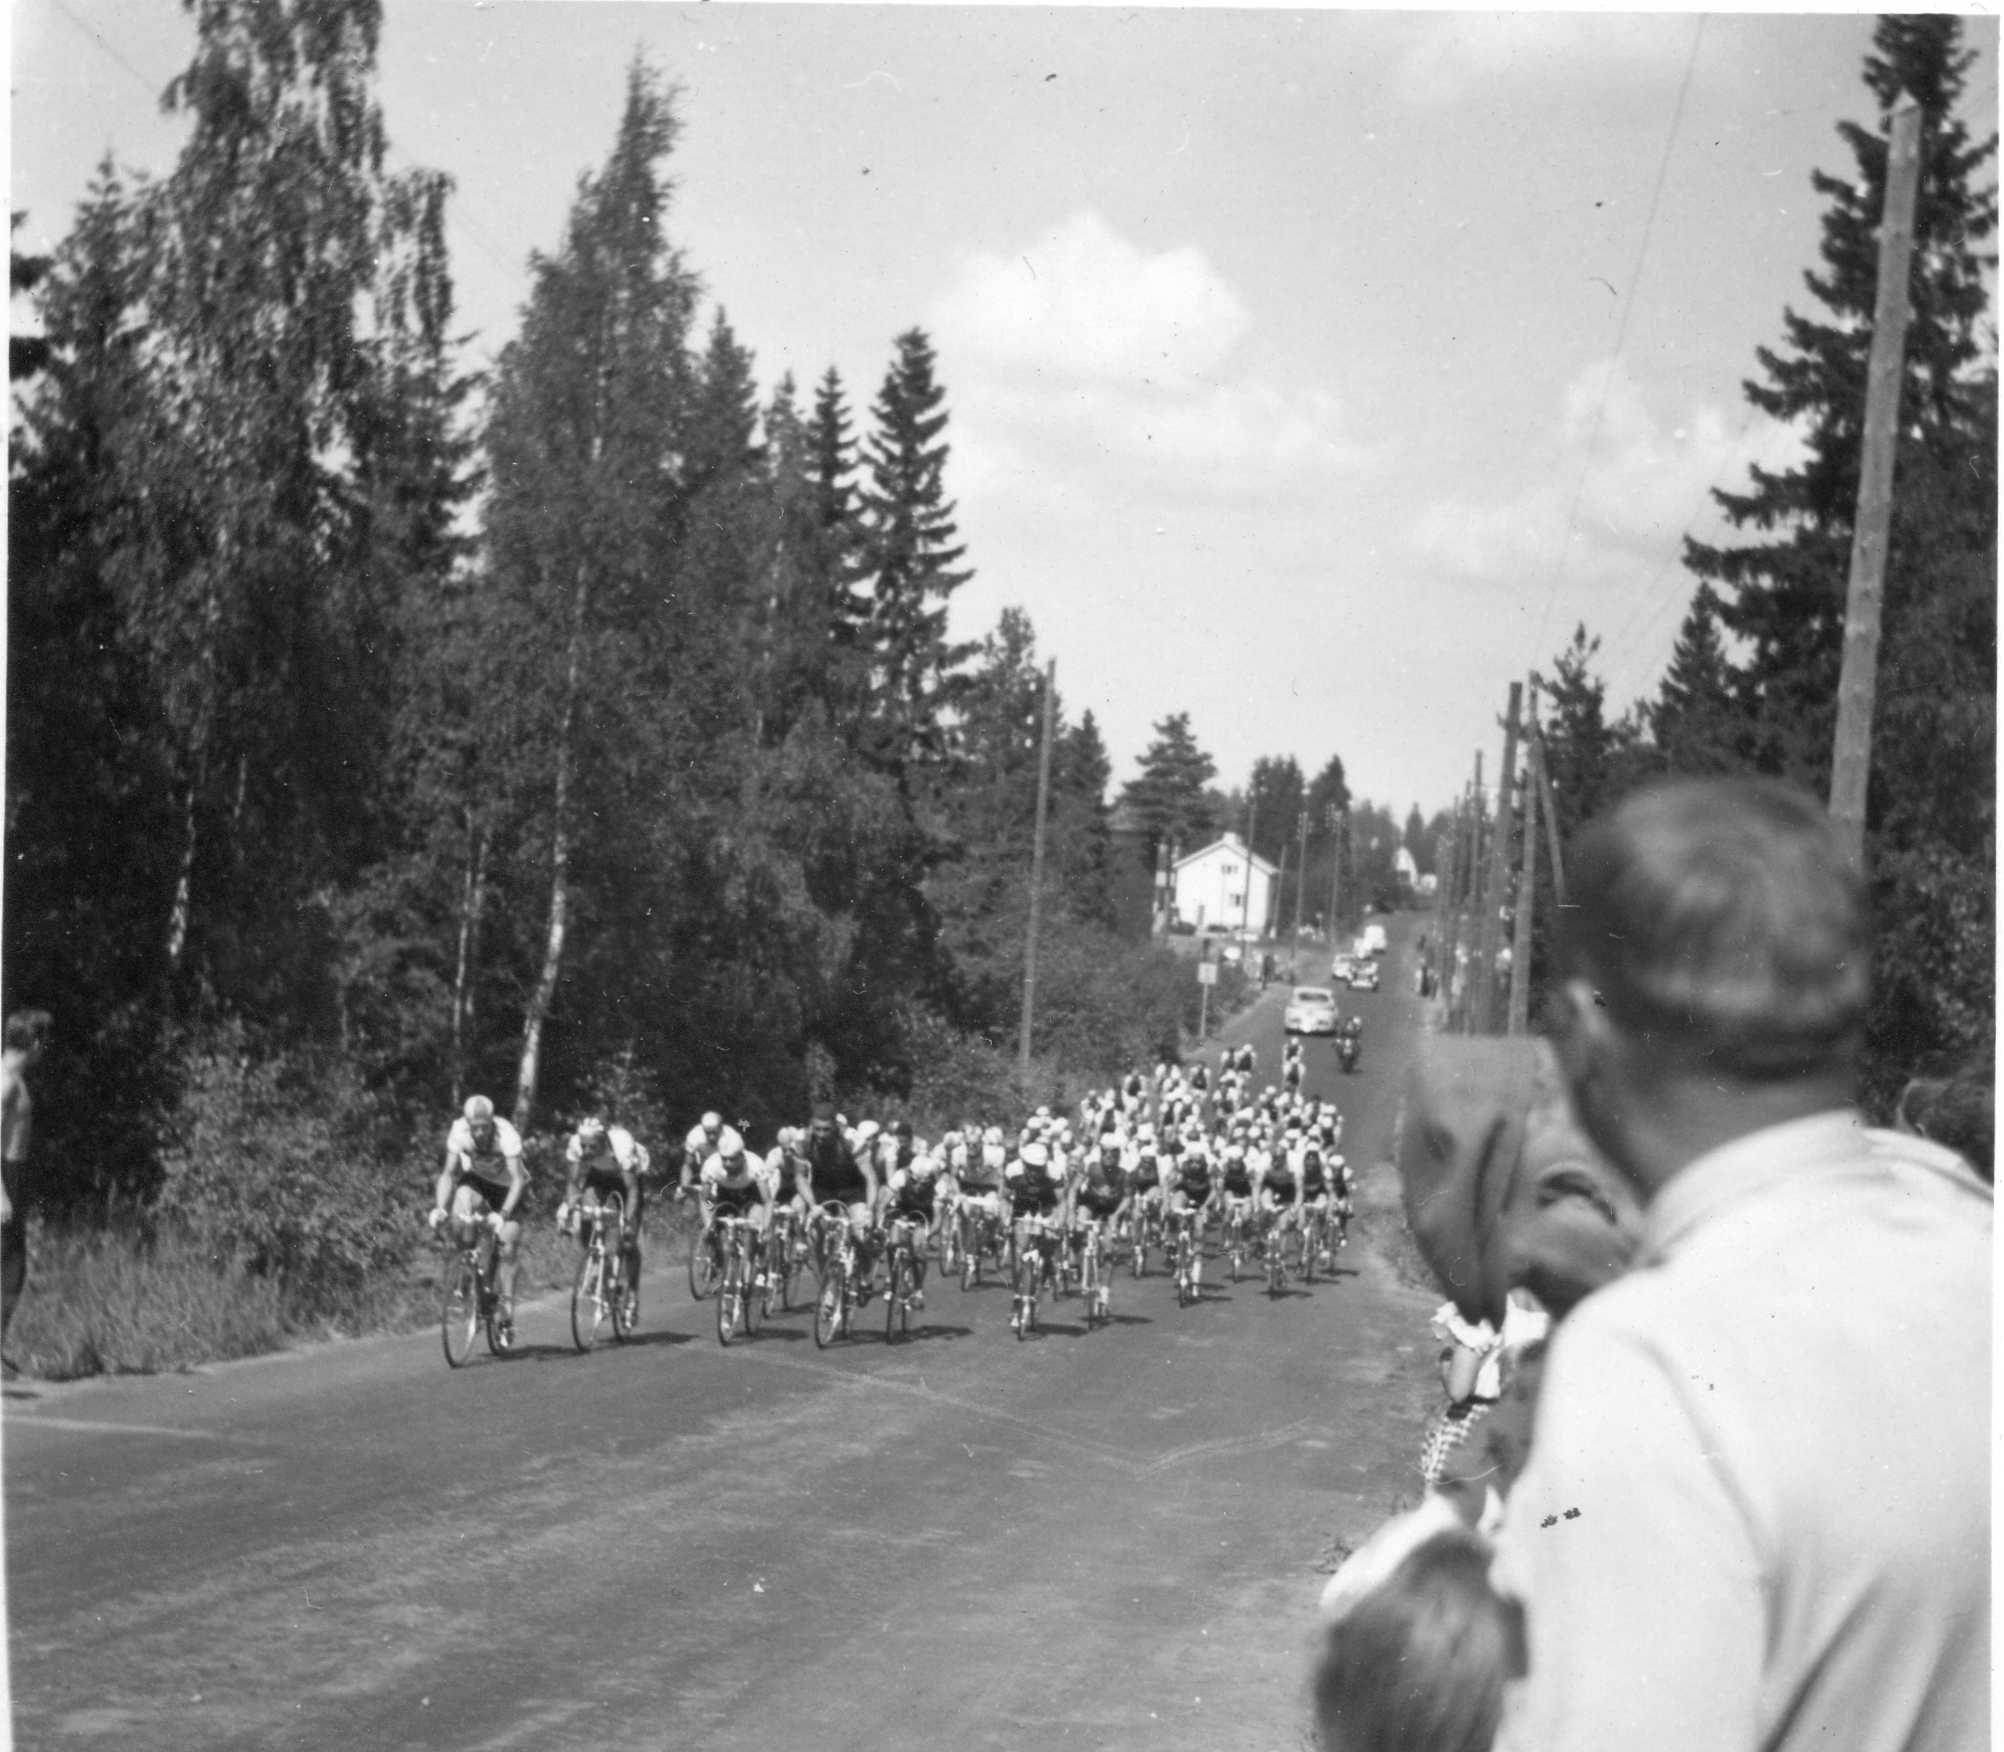 Helsingin olympiakisat 1952, maantiepyöräily, ryhmä menossa Pakilantiellä, nykyisen Kehä I:n pohjoisreunalla, suuntana etelä. Alkuperäinen kuva, Valto Mattila.  Olympialaisten kilpapyöräily,1952